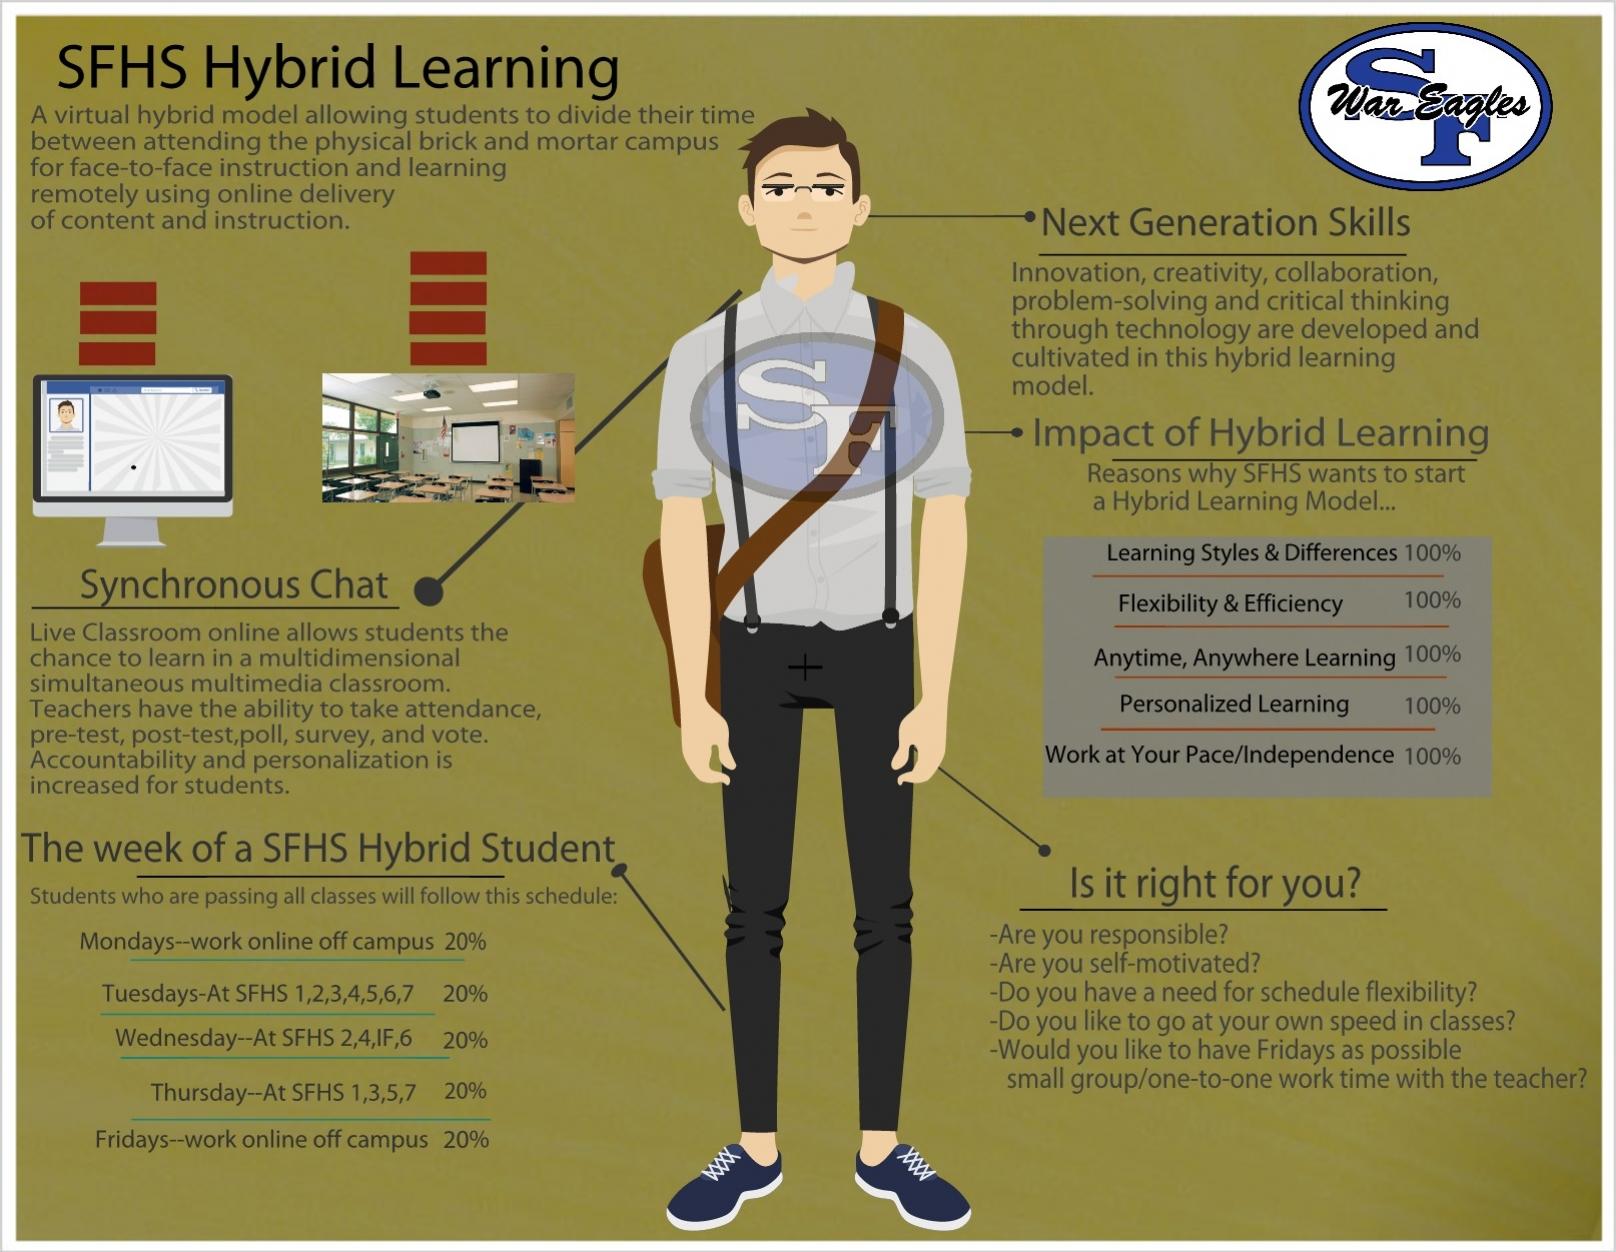 SFHS_Hybrid